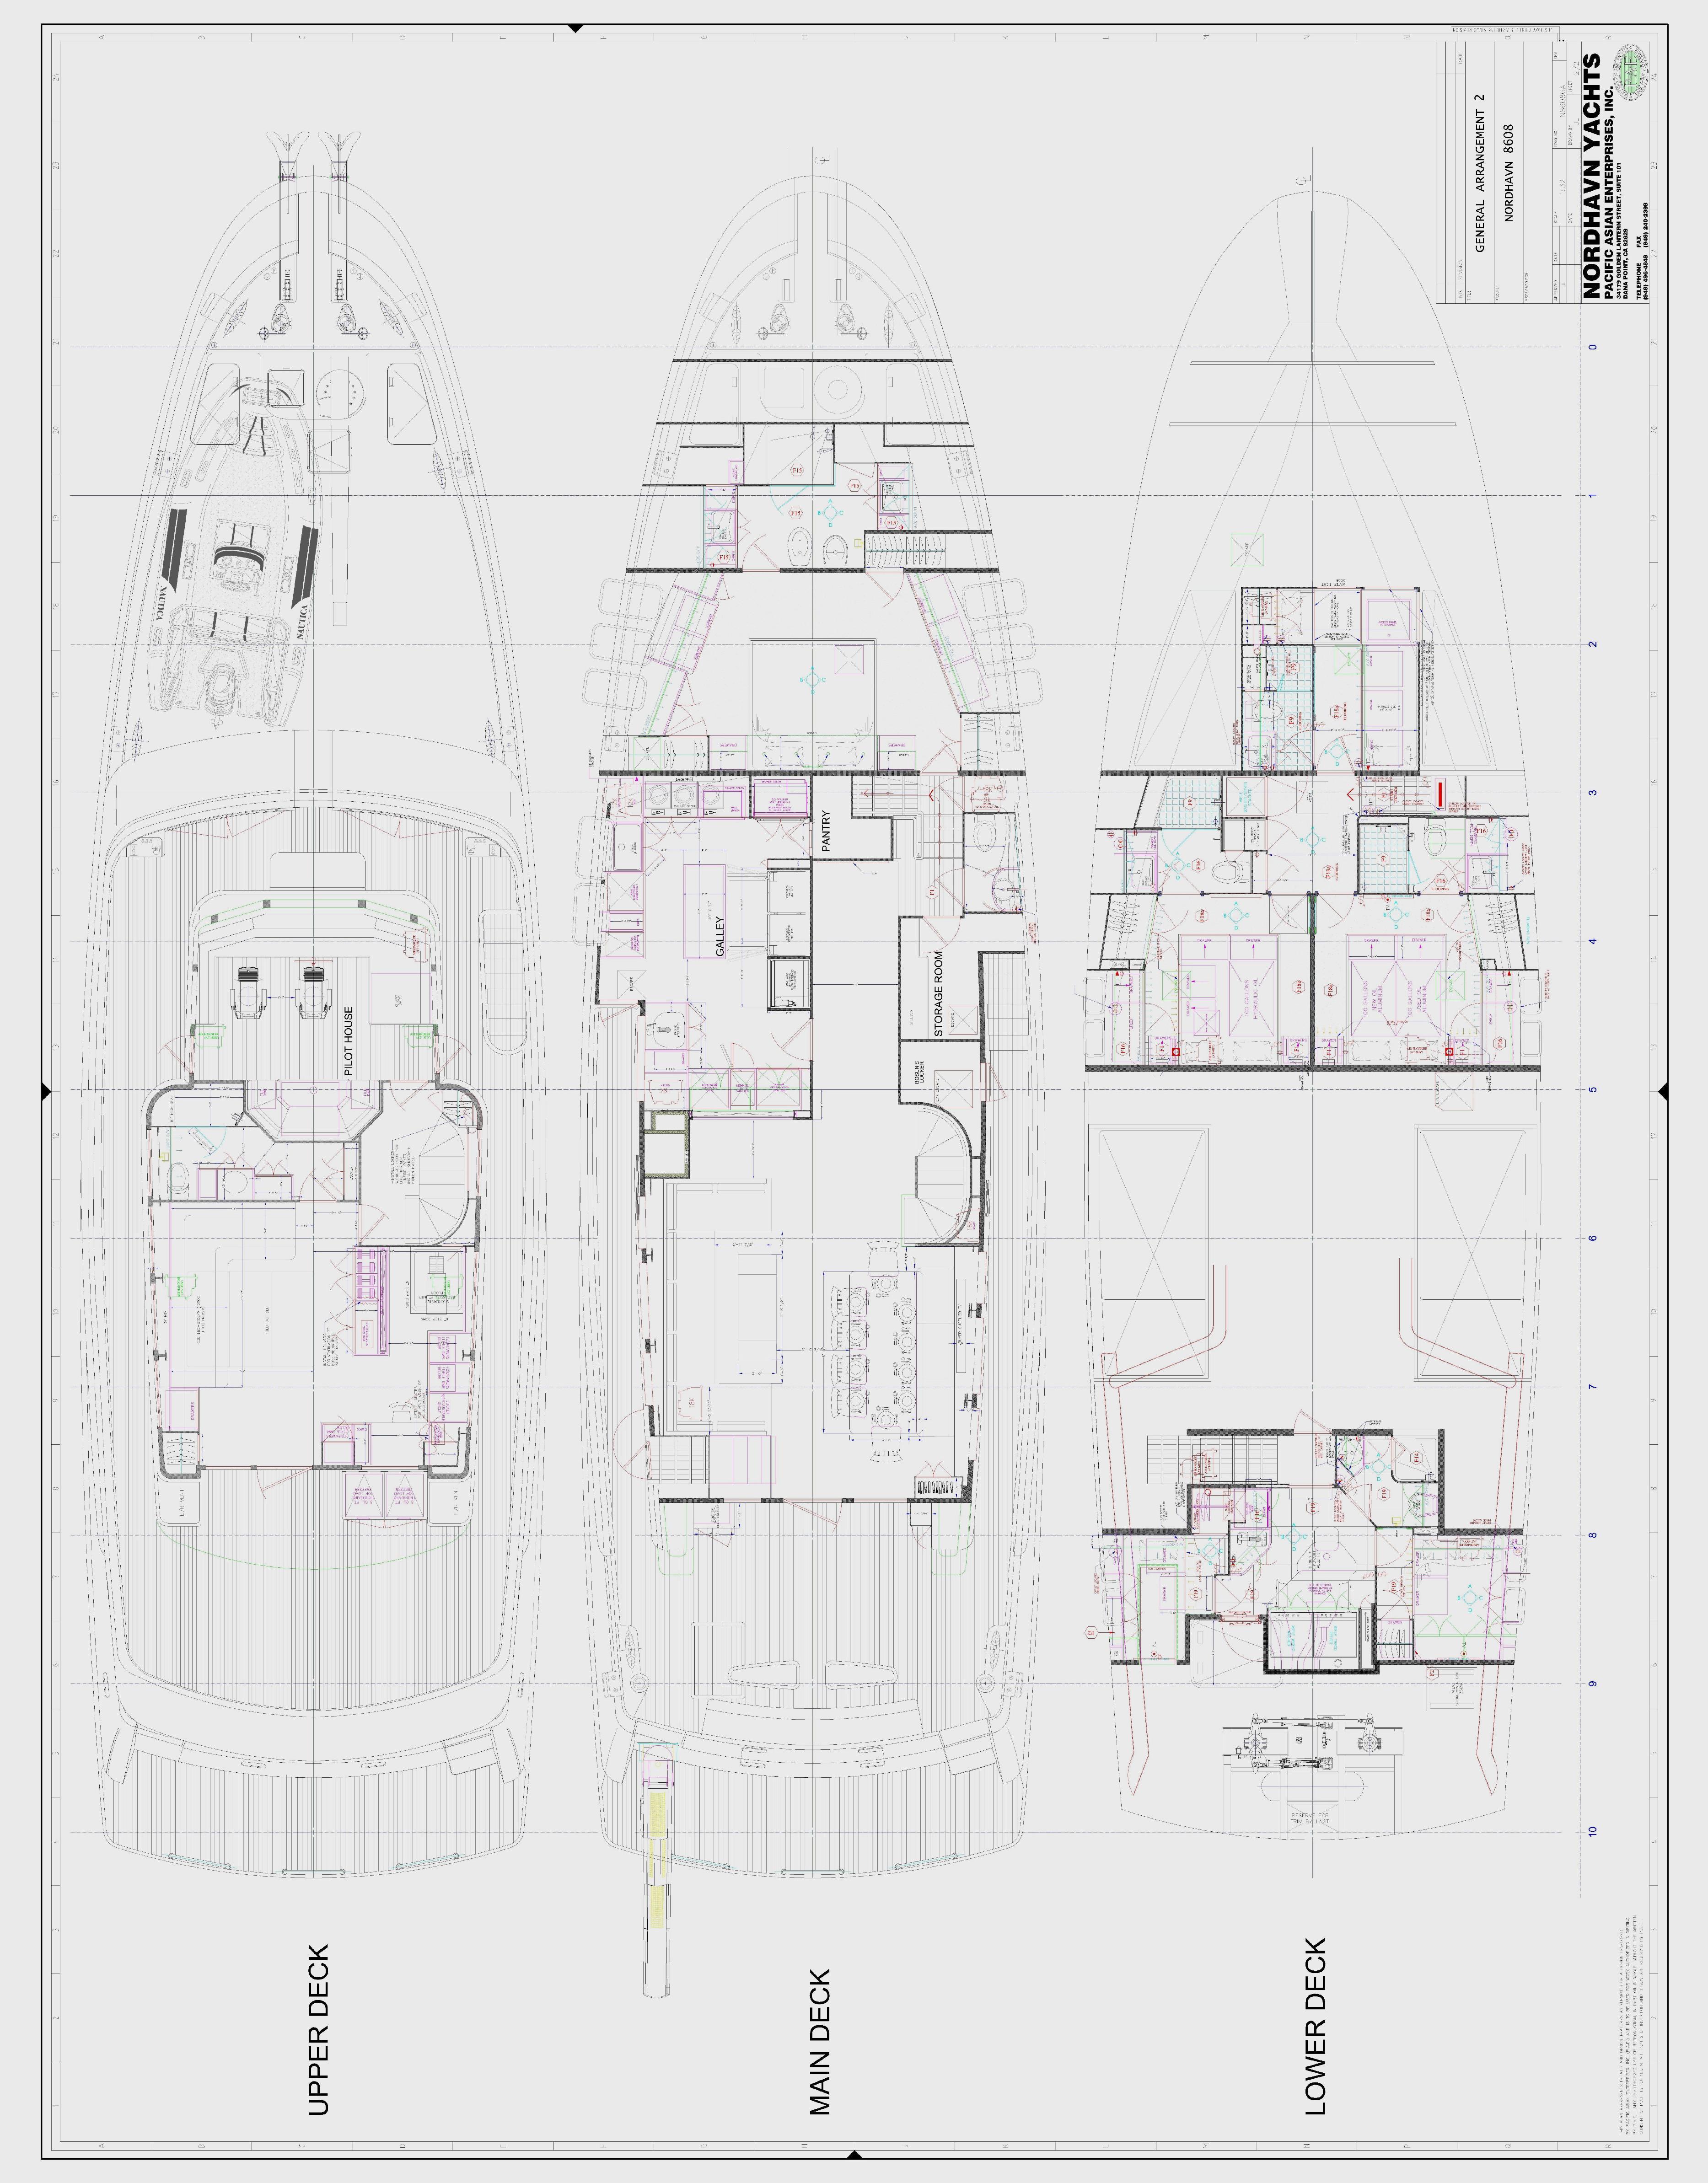 Atemberaubend Bose Lifestyle 5 Schaltplan Fotos - Elektrische ...